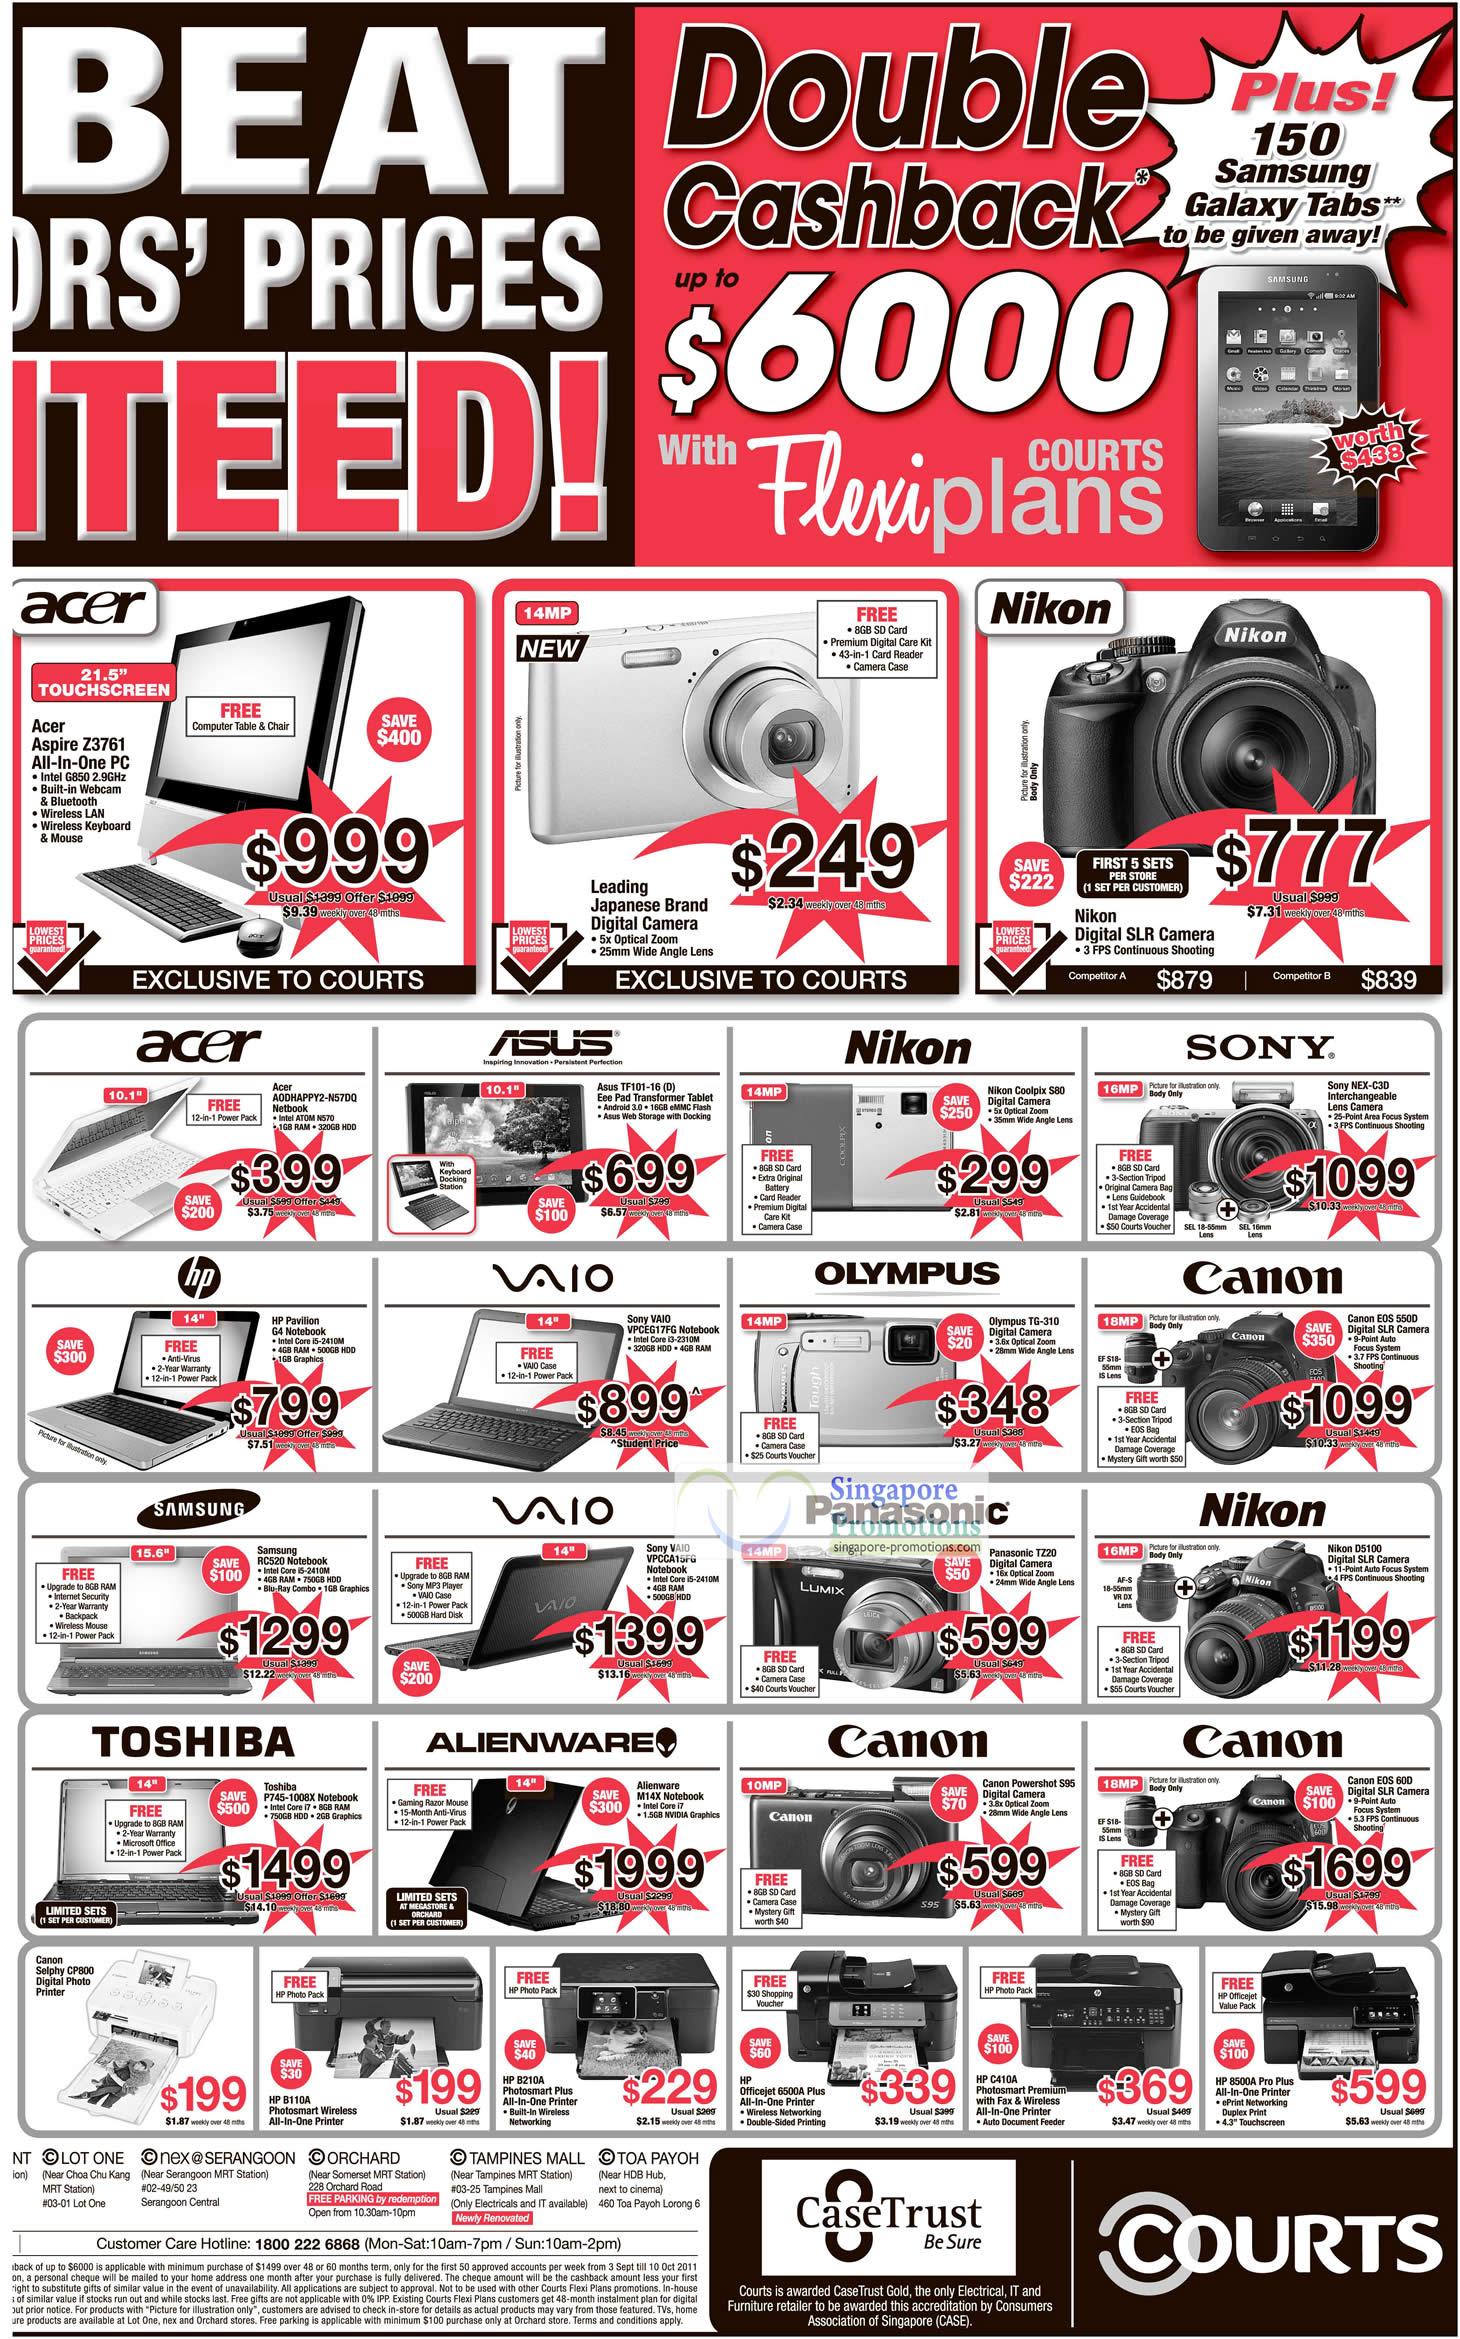 17 Sep Canon Selphy CP800 Printer, HP B110A, Acer Aspire Z3761 AIO Desktop PC, Sony NEX-C3D Interchangeable Lens Camera, Nikon Coolpix S80